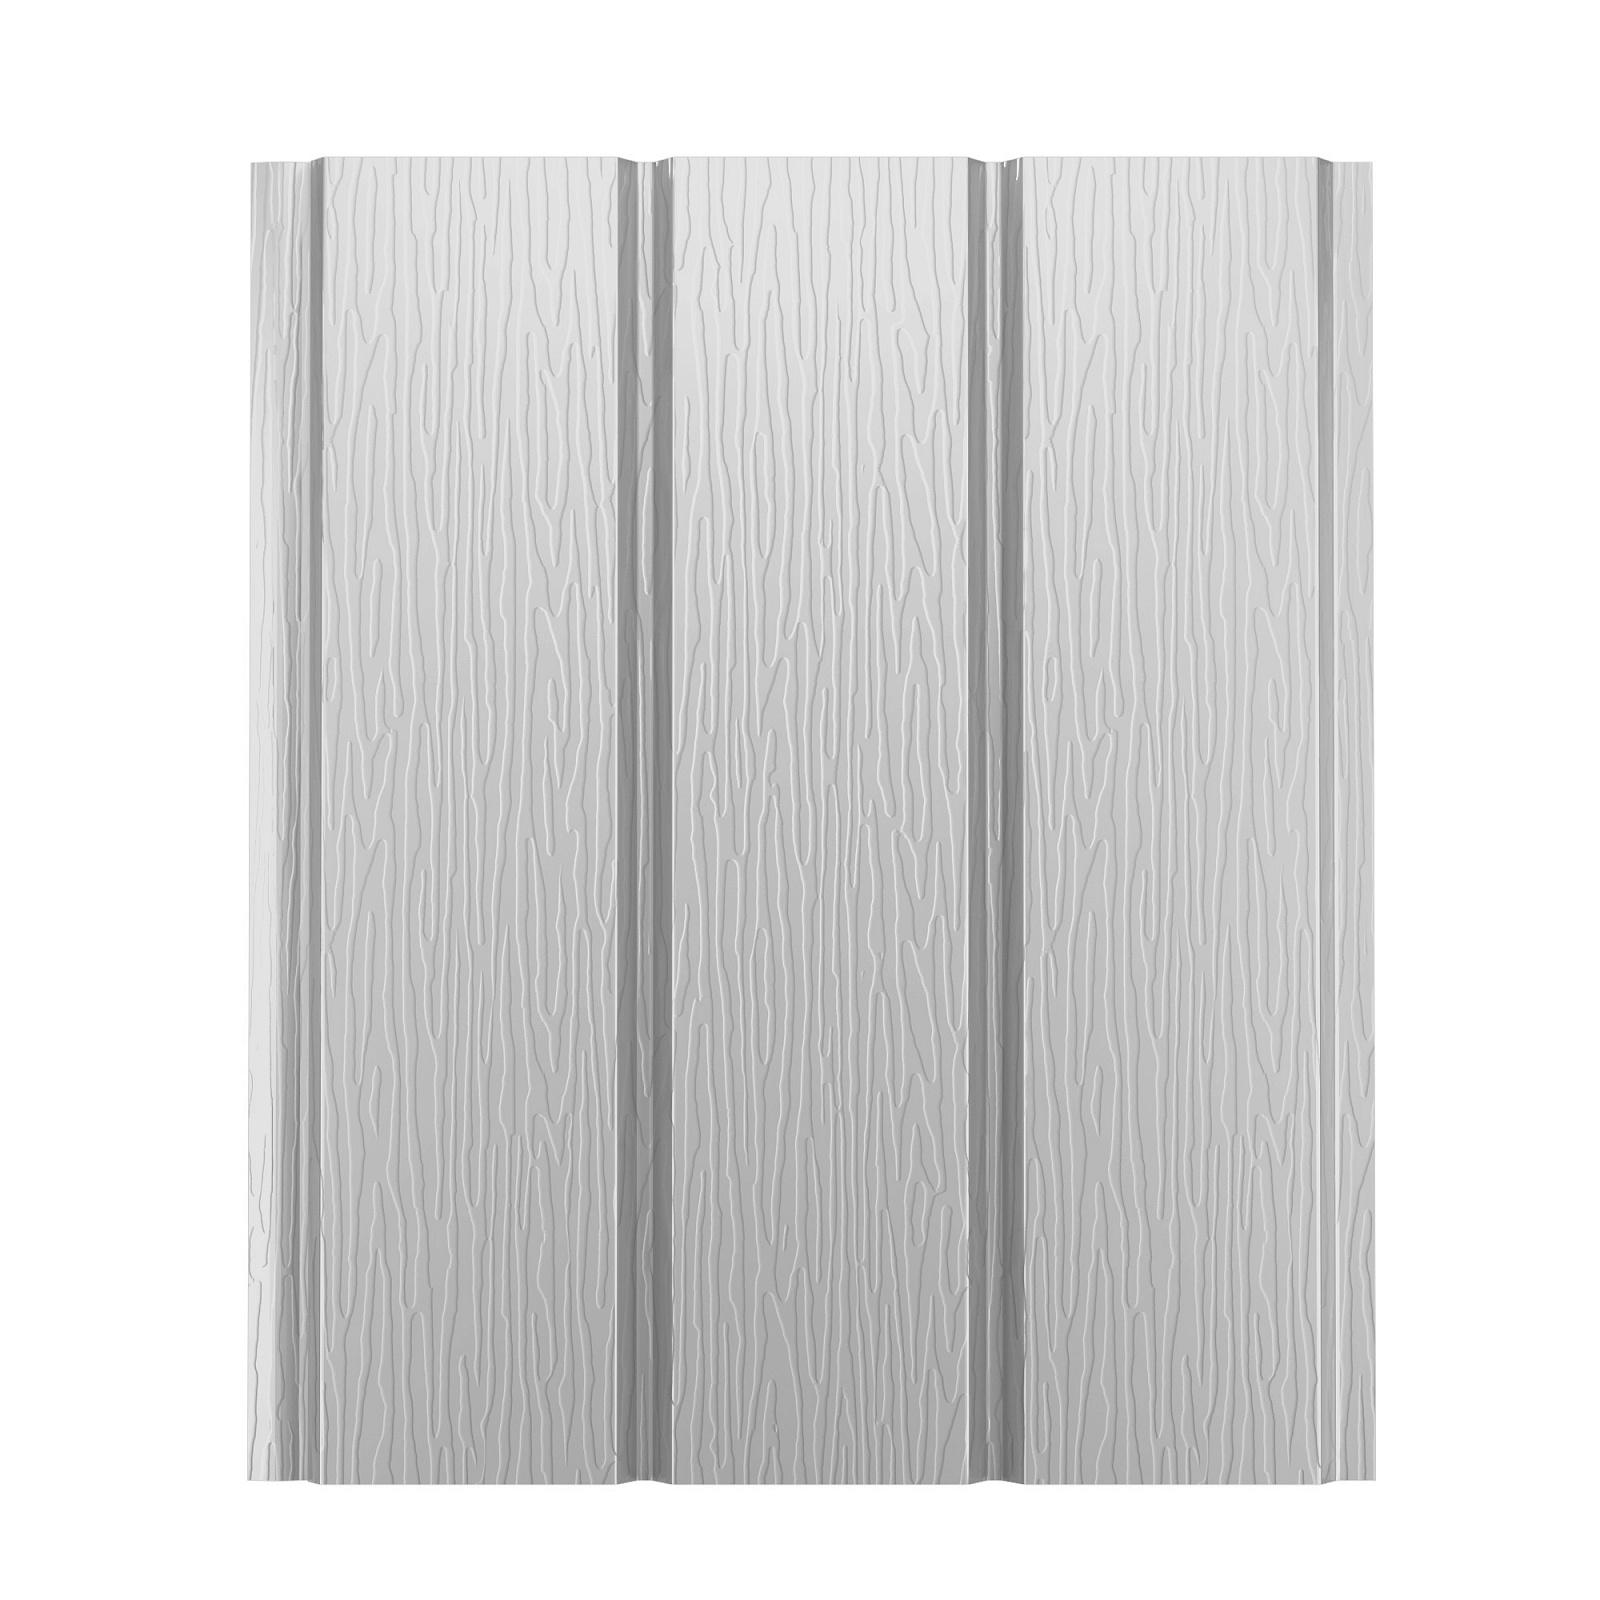 Софит металлический AquaSystem без перфорации Pural 275 г/м2, 2,4 м белый RR 20